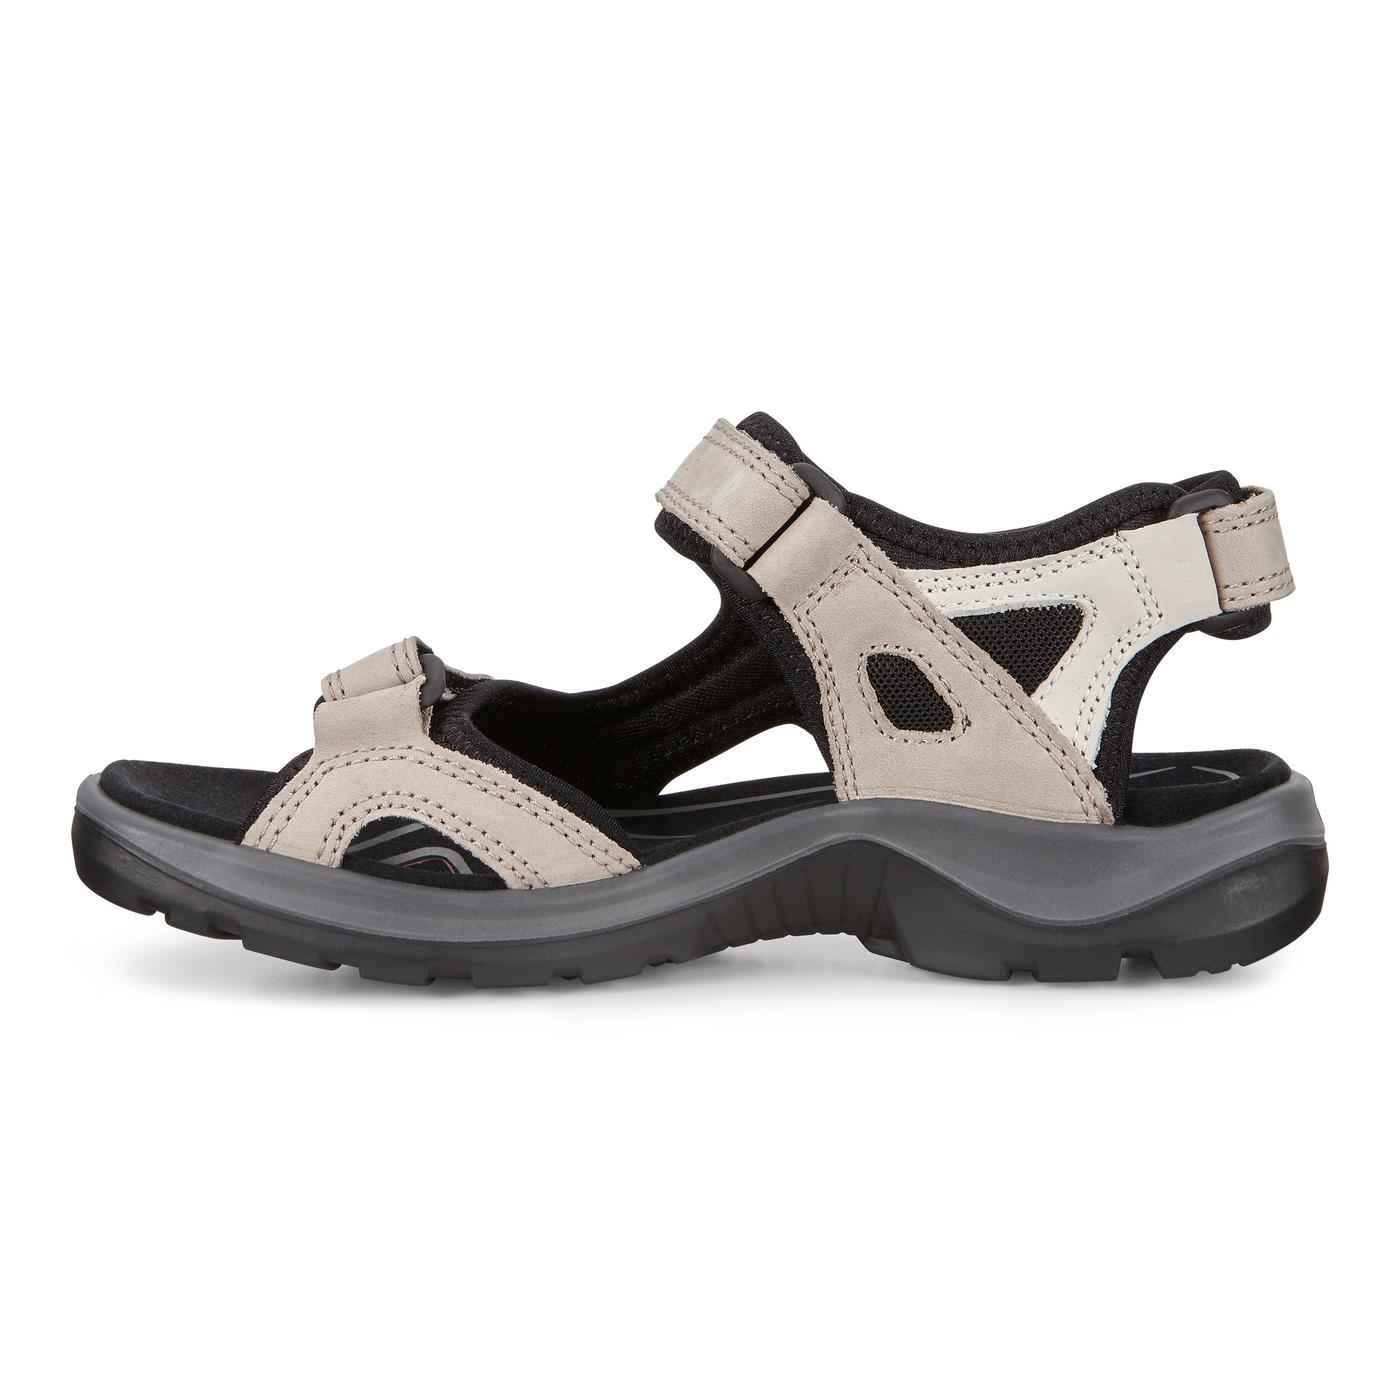 f840b76b2160 ECCO Women s Yucatan Sandal